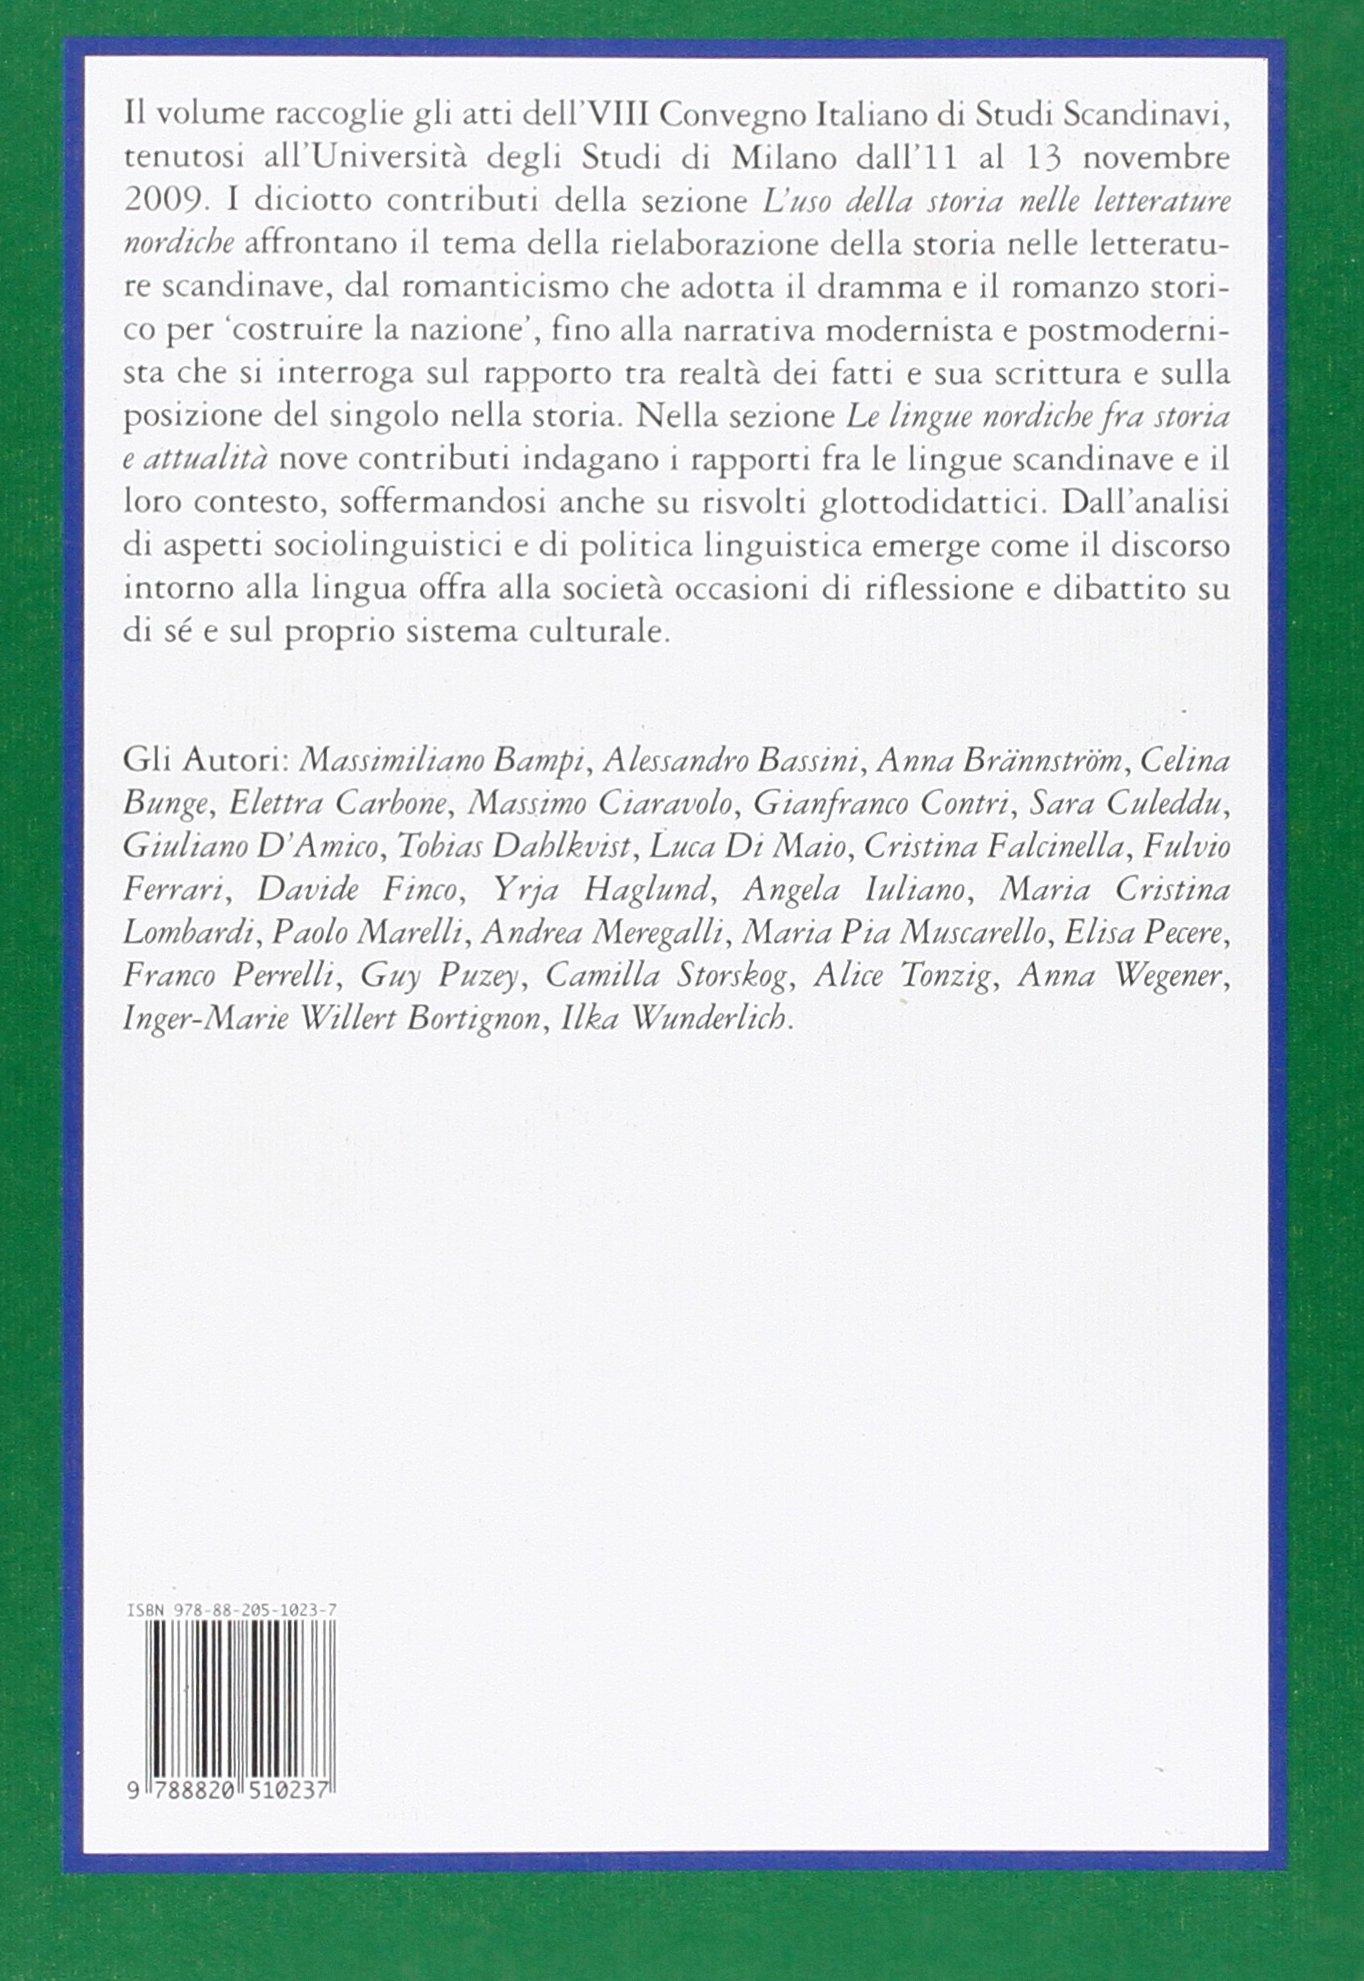 Luso della storia nelle letterature nordiche. Le lingue nordiche fra storia e attualità Quaderni di Acme: Amazon.es: M. Ciaravolo, A. Meregalli: Libros en ...